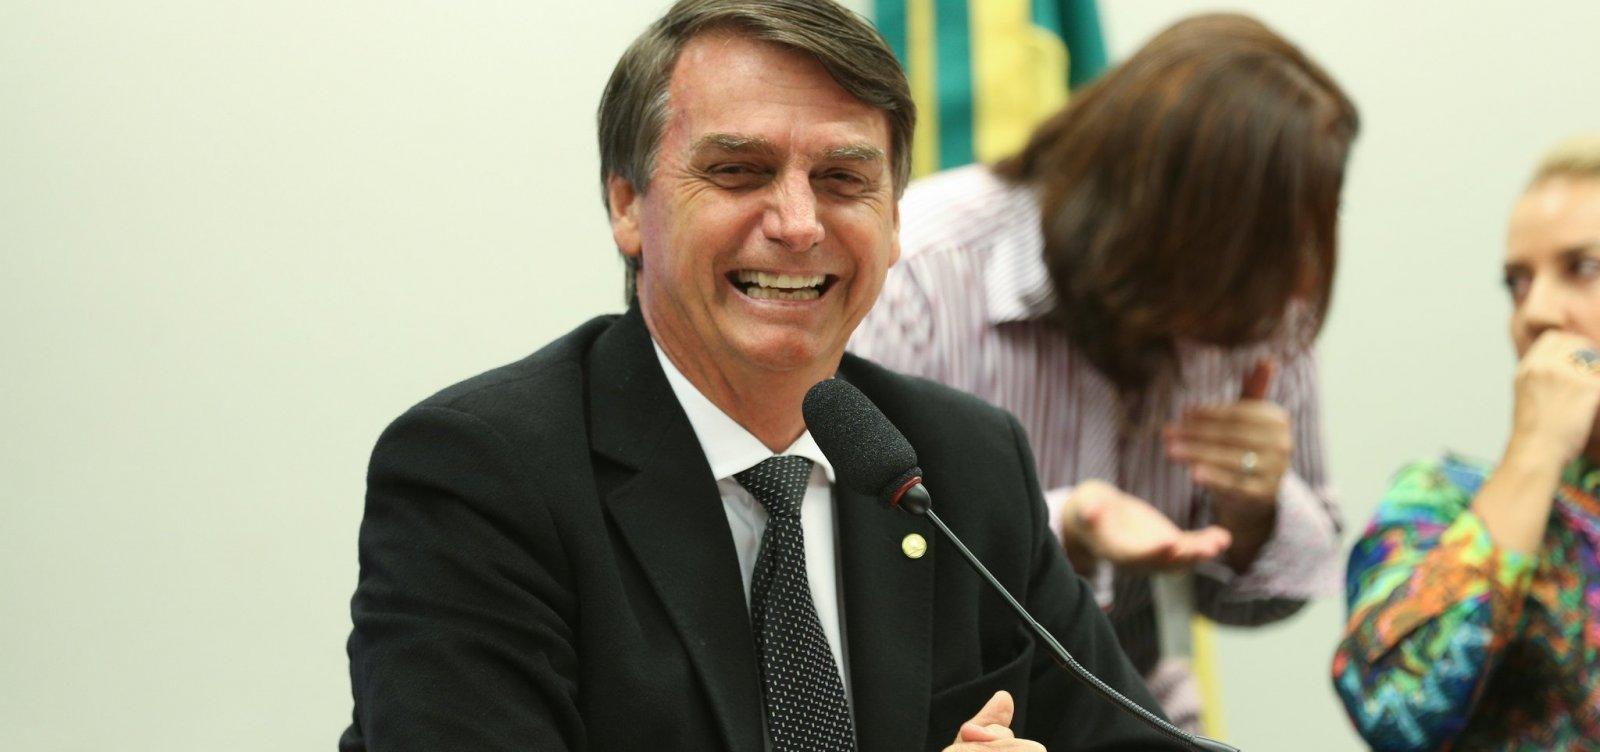 [Aliados de Bolsonaro falam em revogar PEC da Bengala, diz coluna]